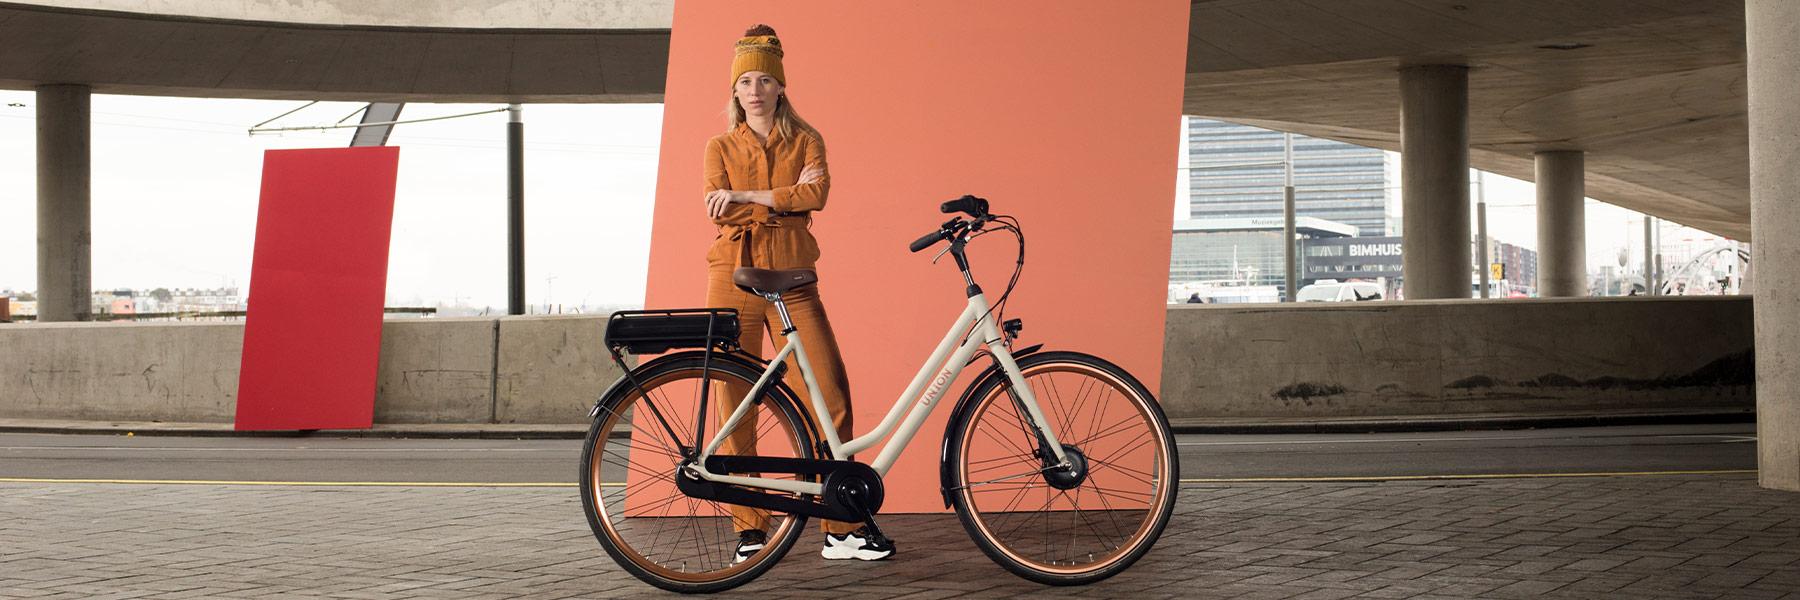 Vrouw staat achter een Union fiets